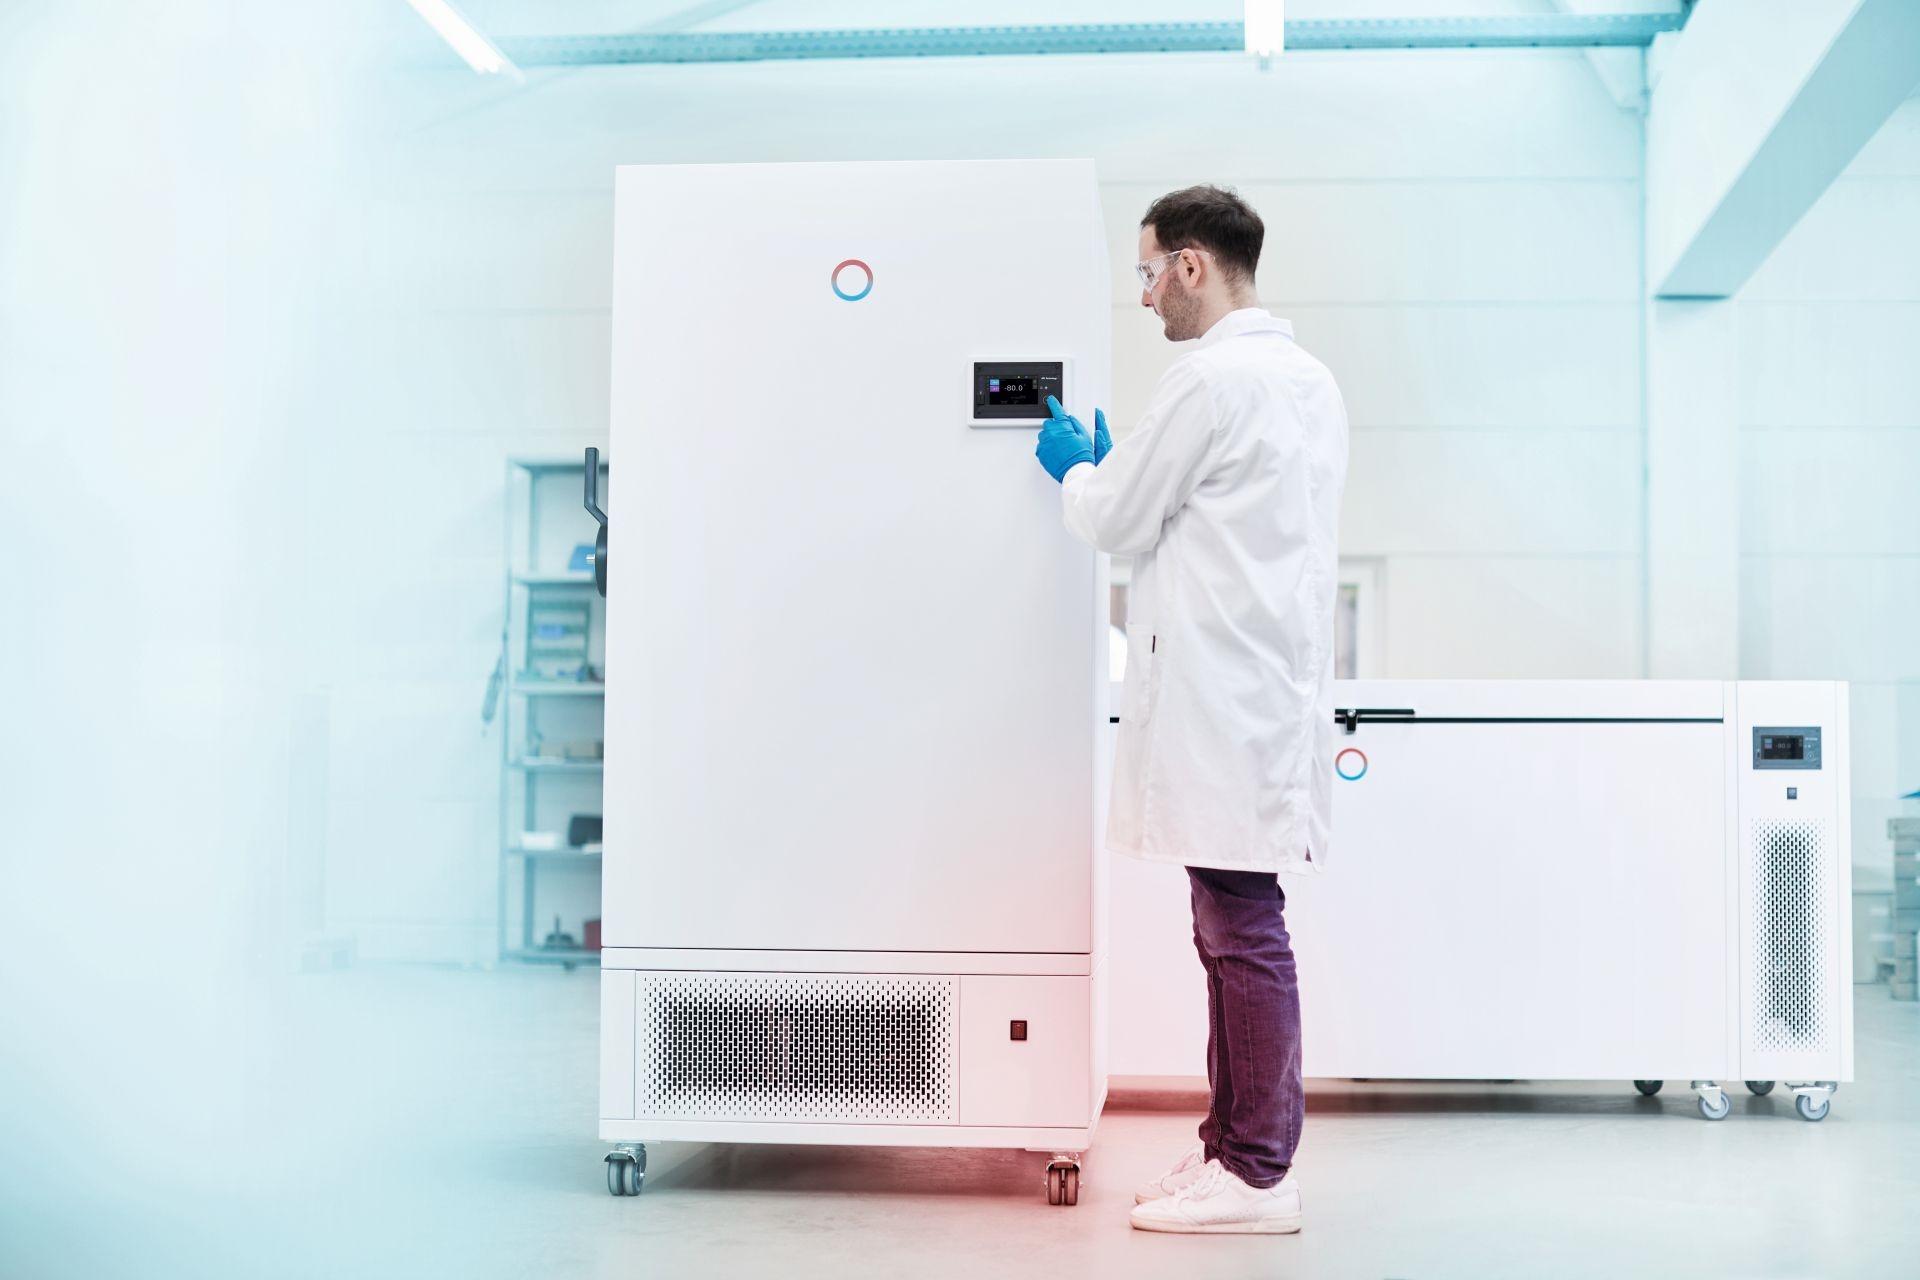 疫苗储存好伙伴 - Versafreeze 深低温冰箱冰柜